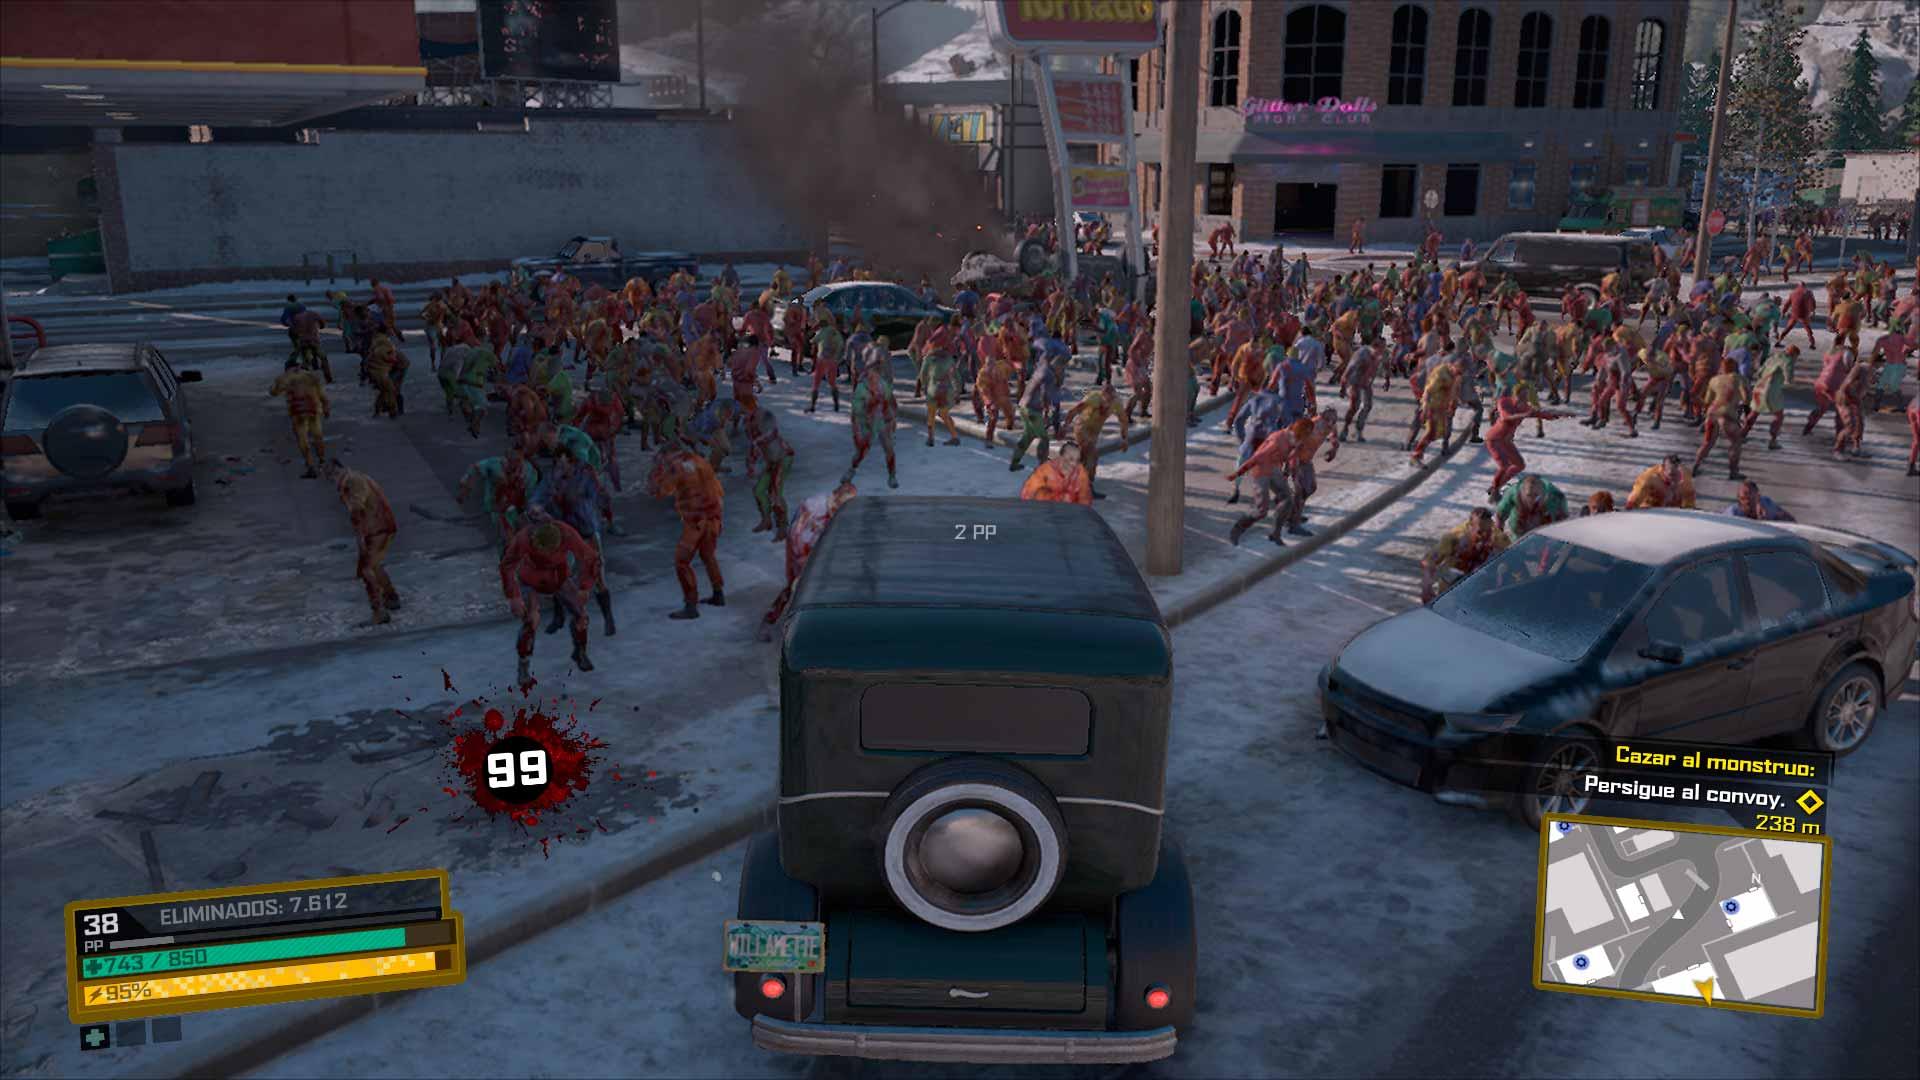 Si queréis zombis en pantalla, Dead Rising 4 pondrá un montón en escena.